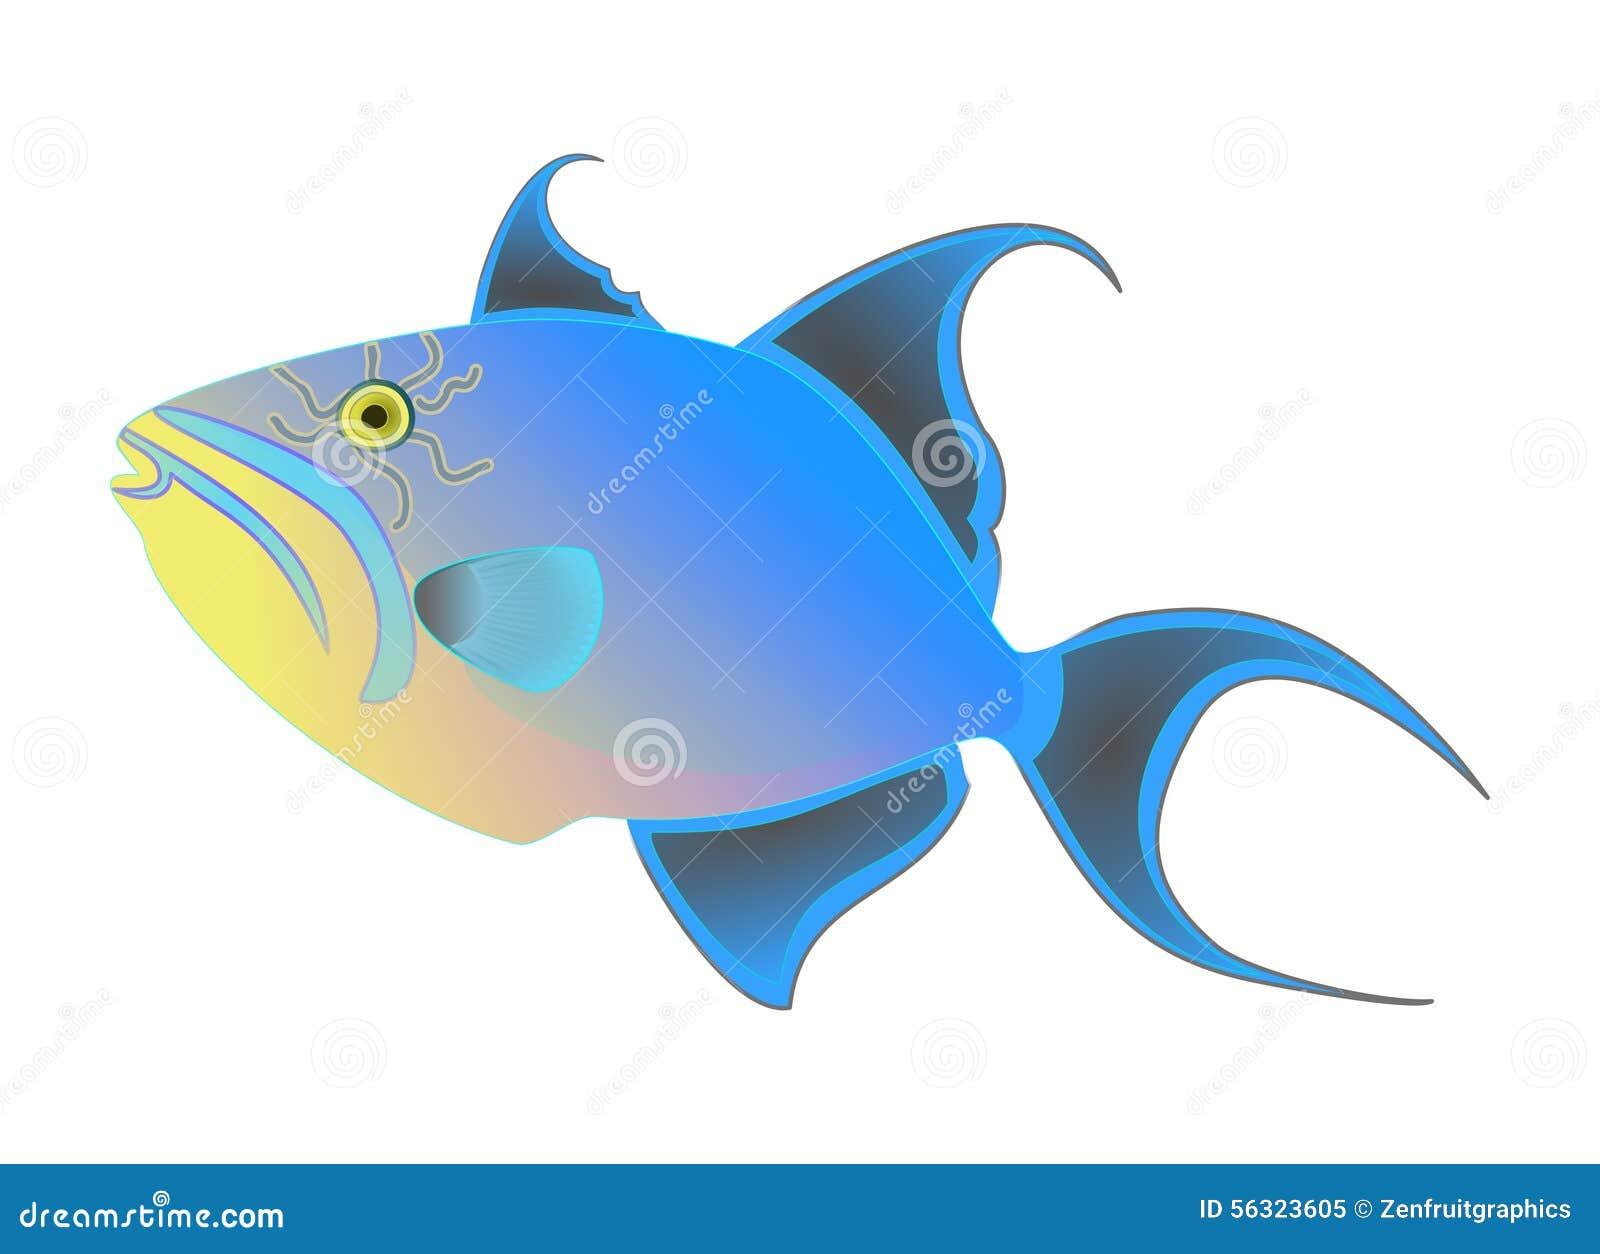 Koningin triggerfish vector Kleurrijke exotische tropische die vissen op witte achtergrond worden geïsoleerd Oceaan dierlijk, gra